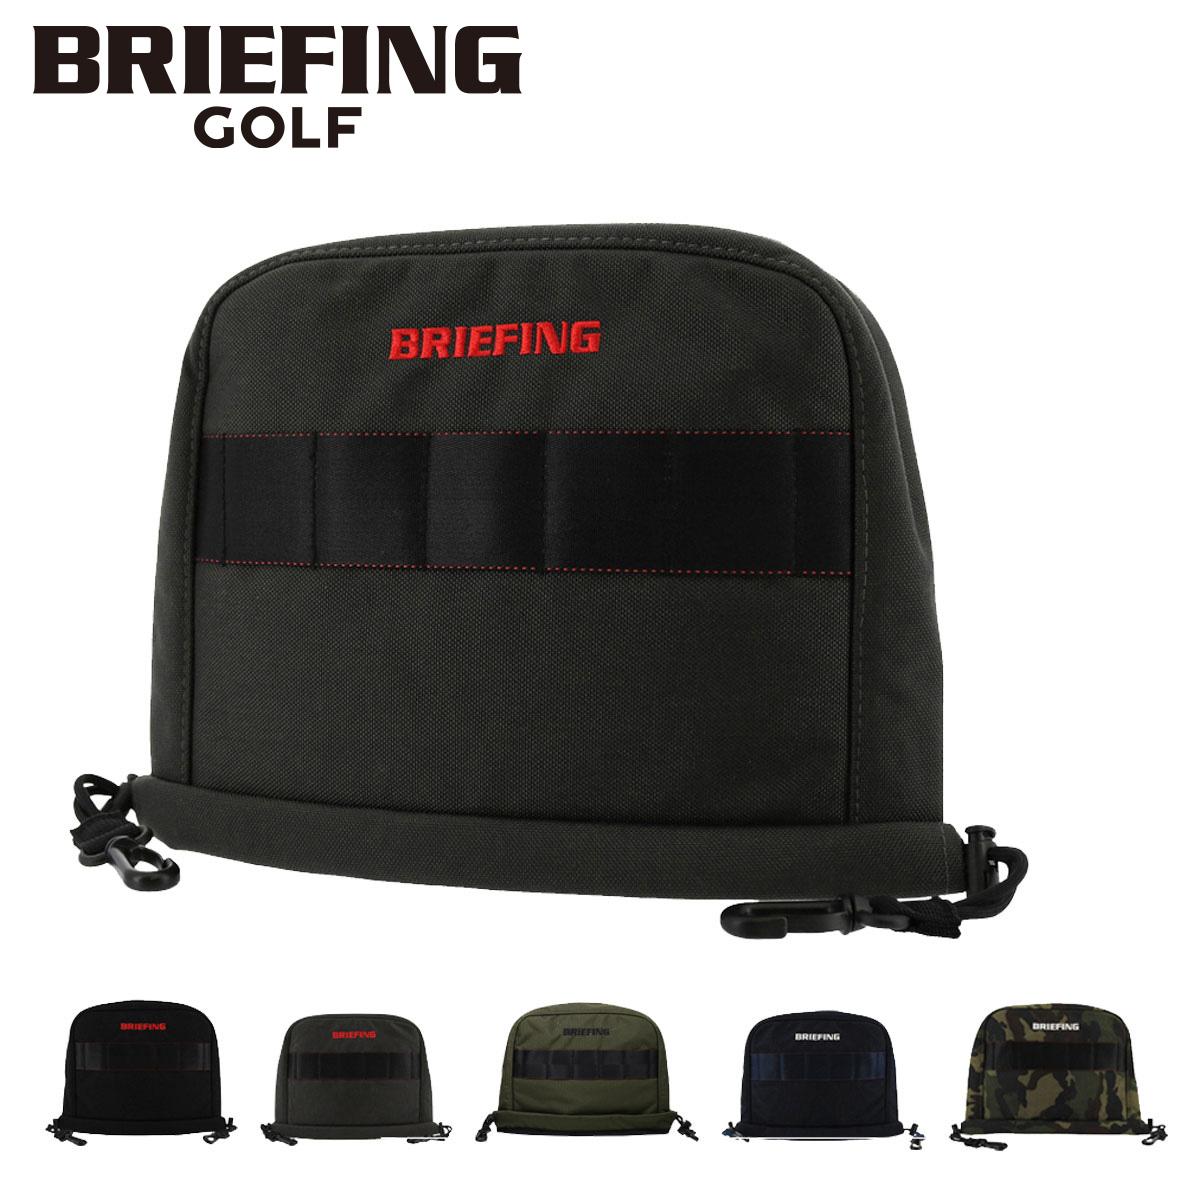 ブリーフィング アイアンカバー メンズ BRF318219 BRIEFING IRON COVER|ゴルフ ヘッドカバー[PO10][即日発送]